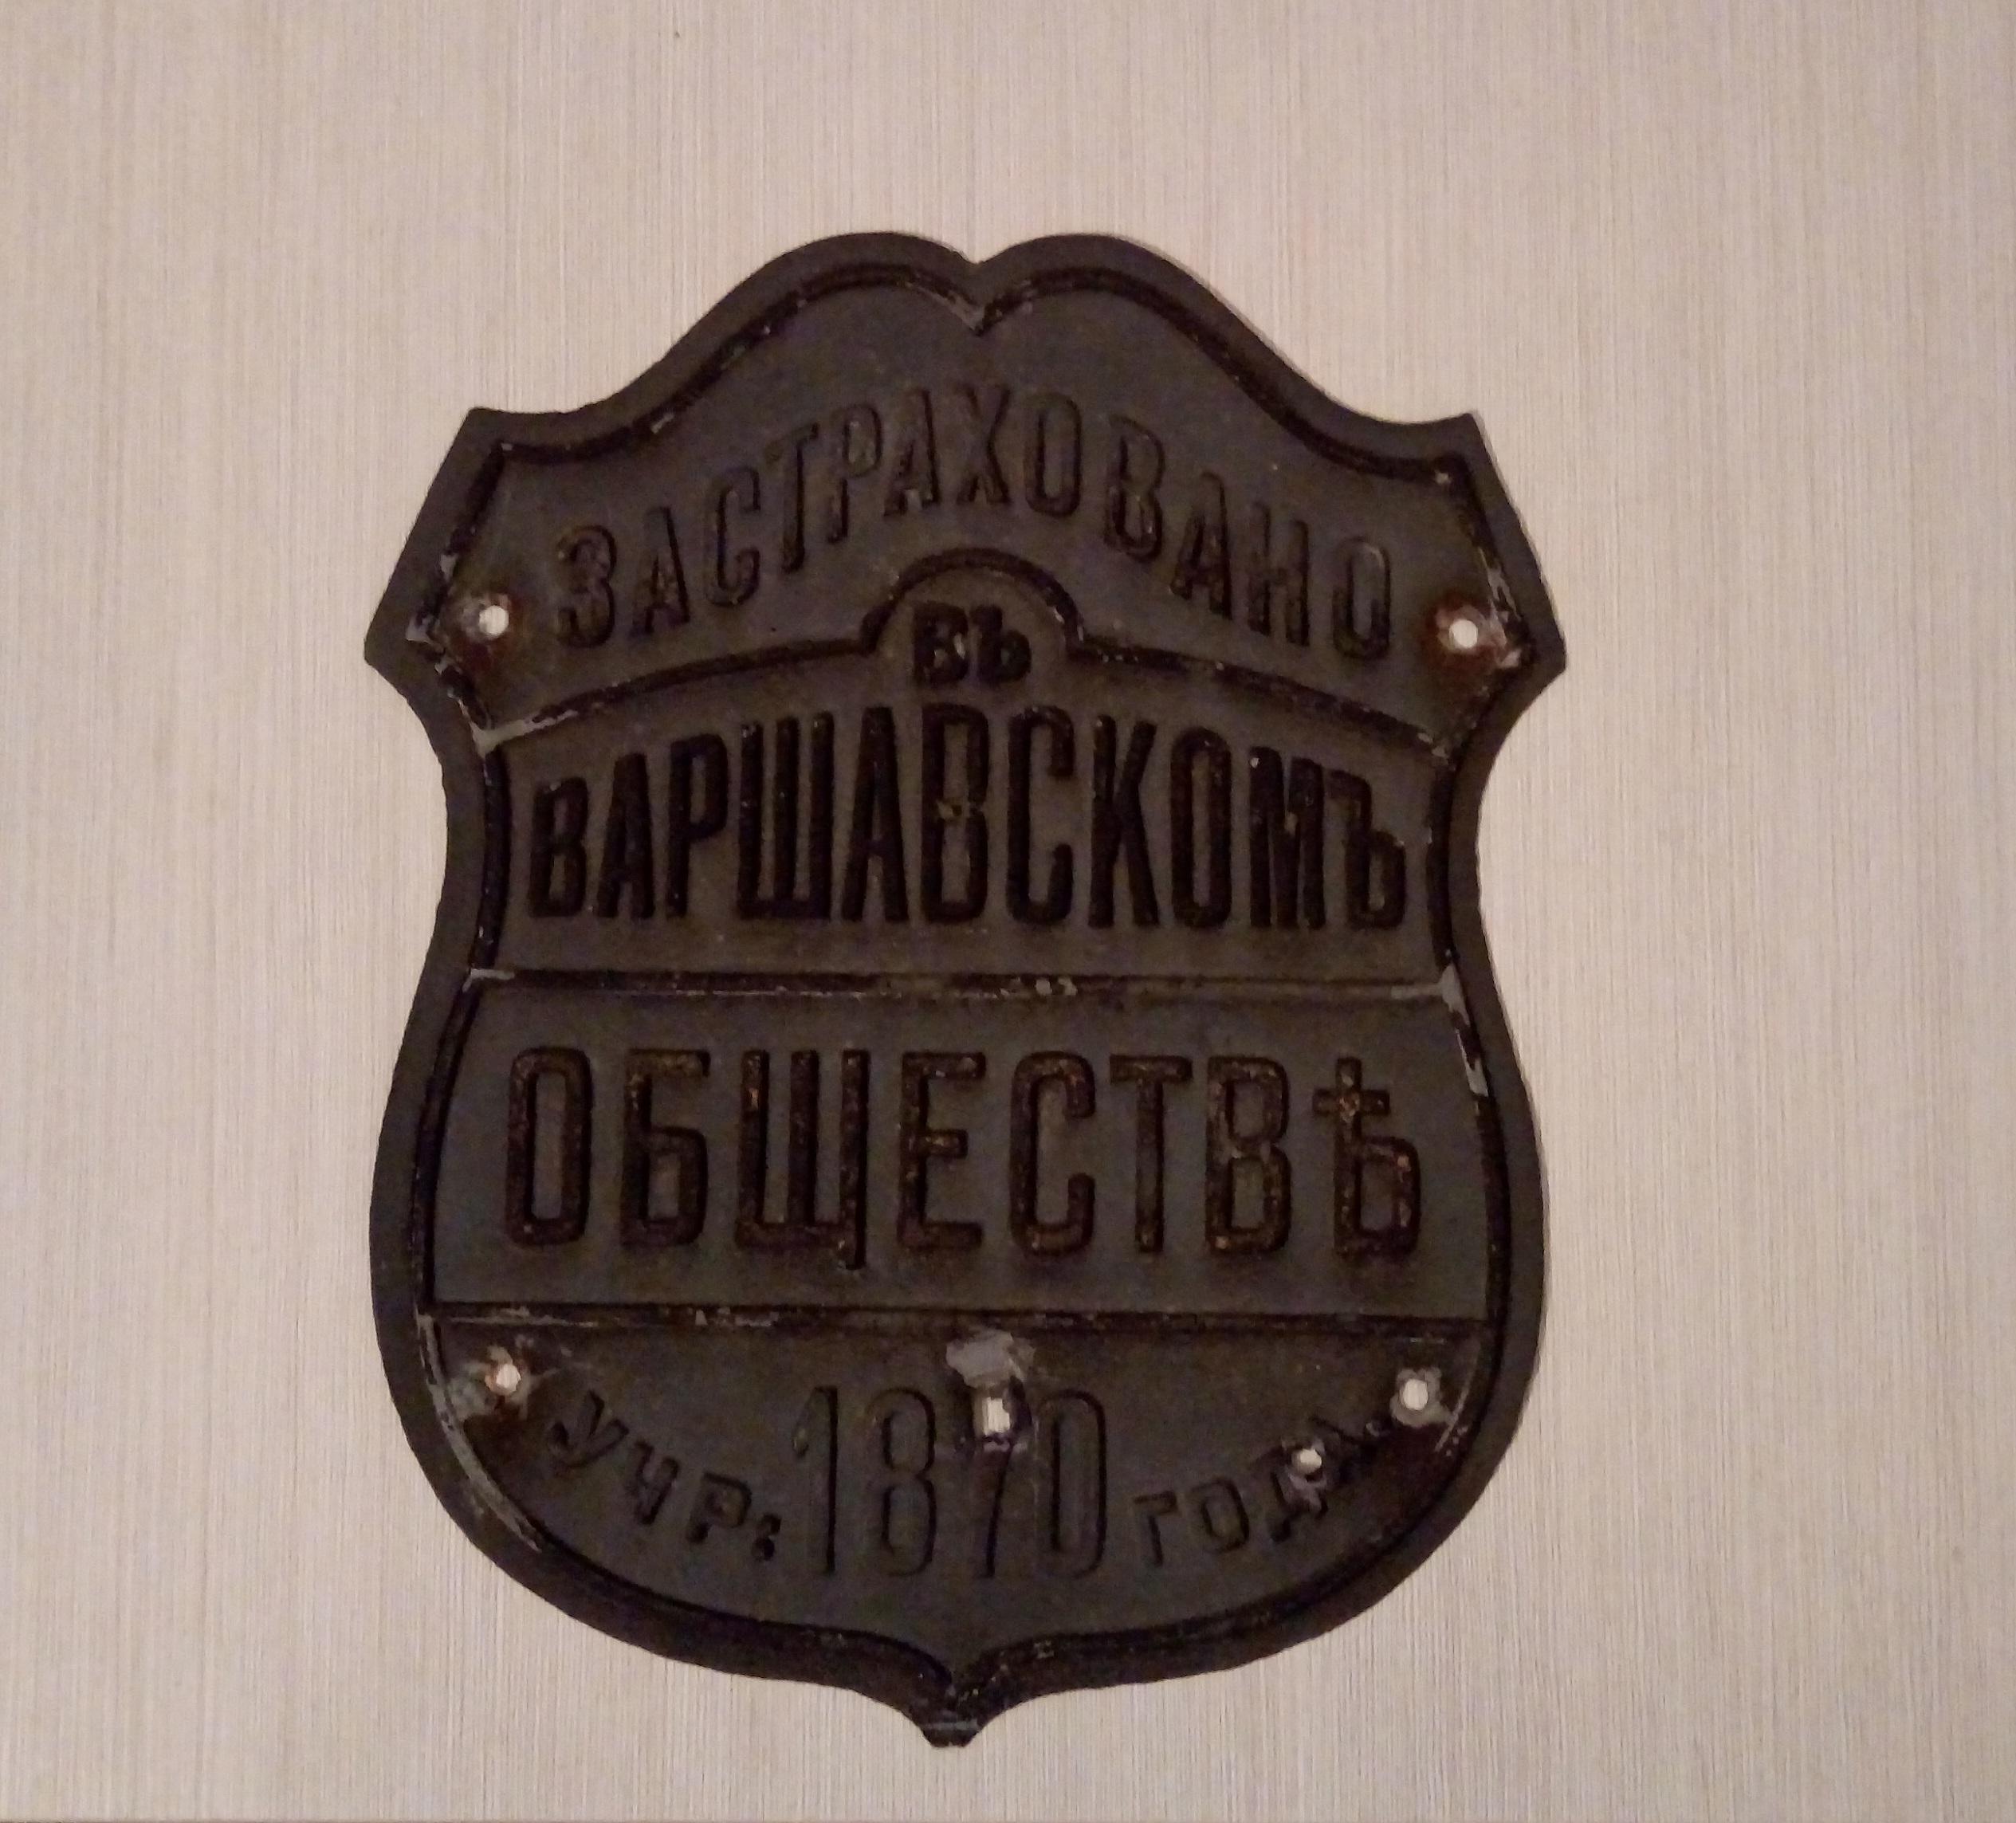 http://se.uploads.ru/Ynfuy.jpg